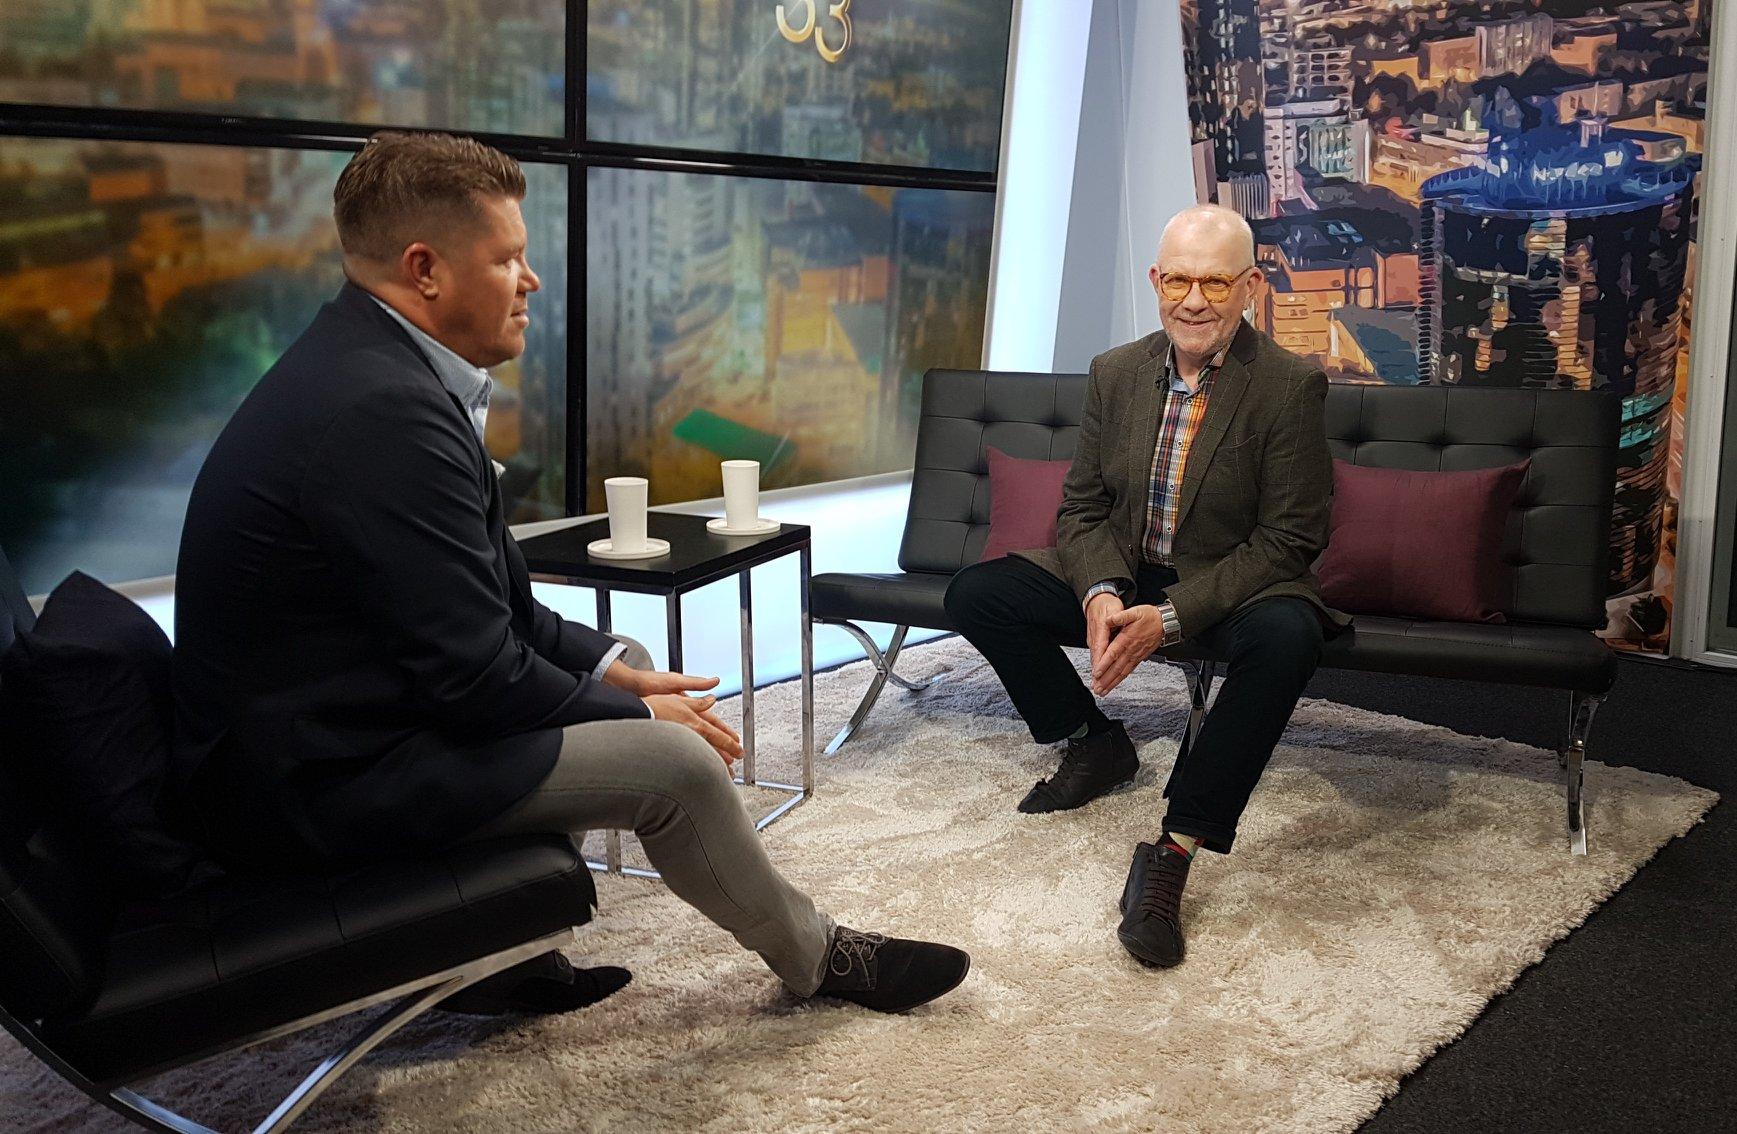 VIDEO! Andrus Vaarik Hannes Võrno saates: mind pole kunagi poliitikasse kutsutud